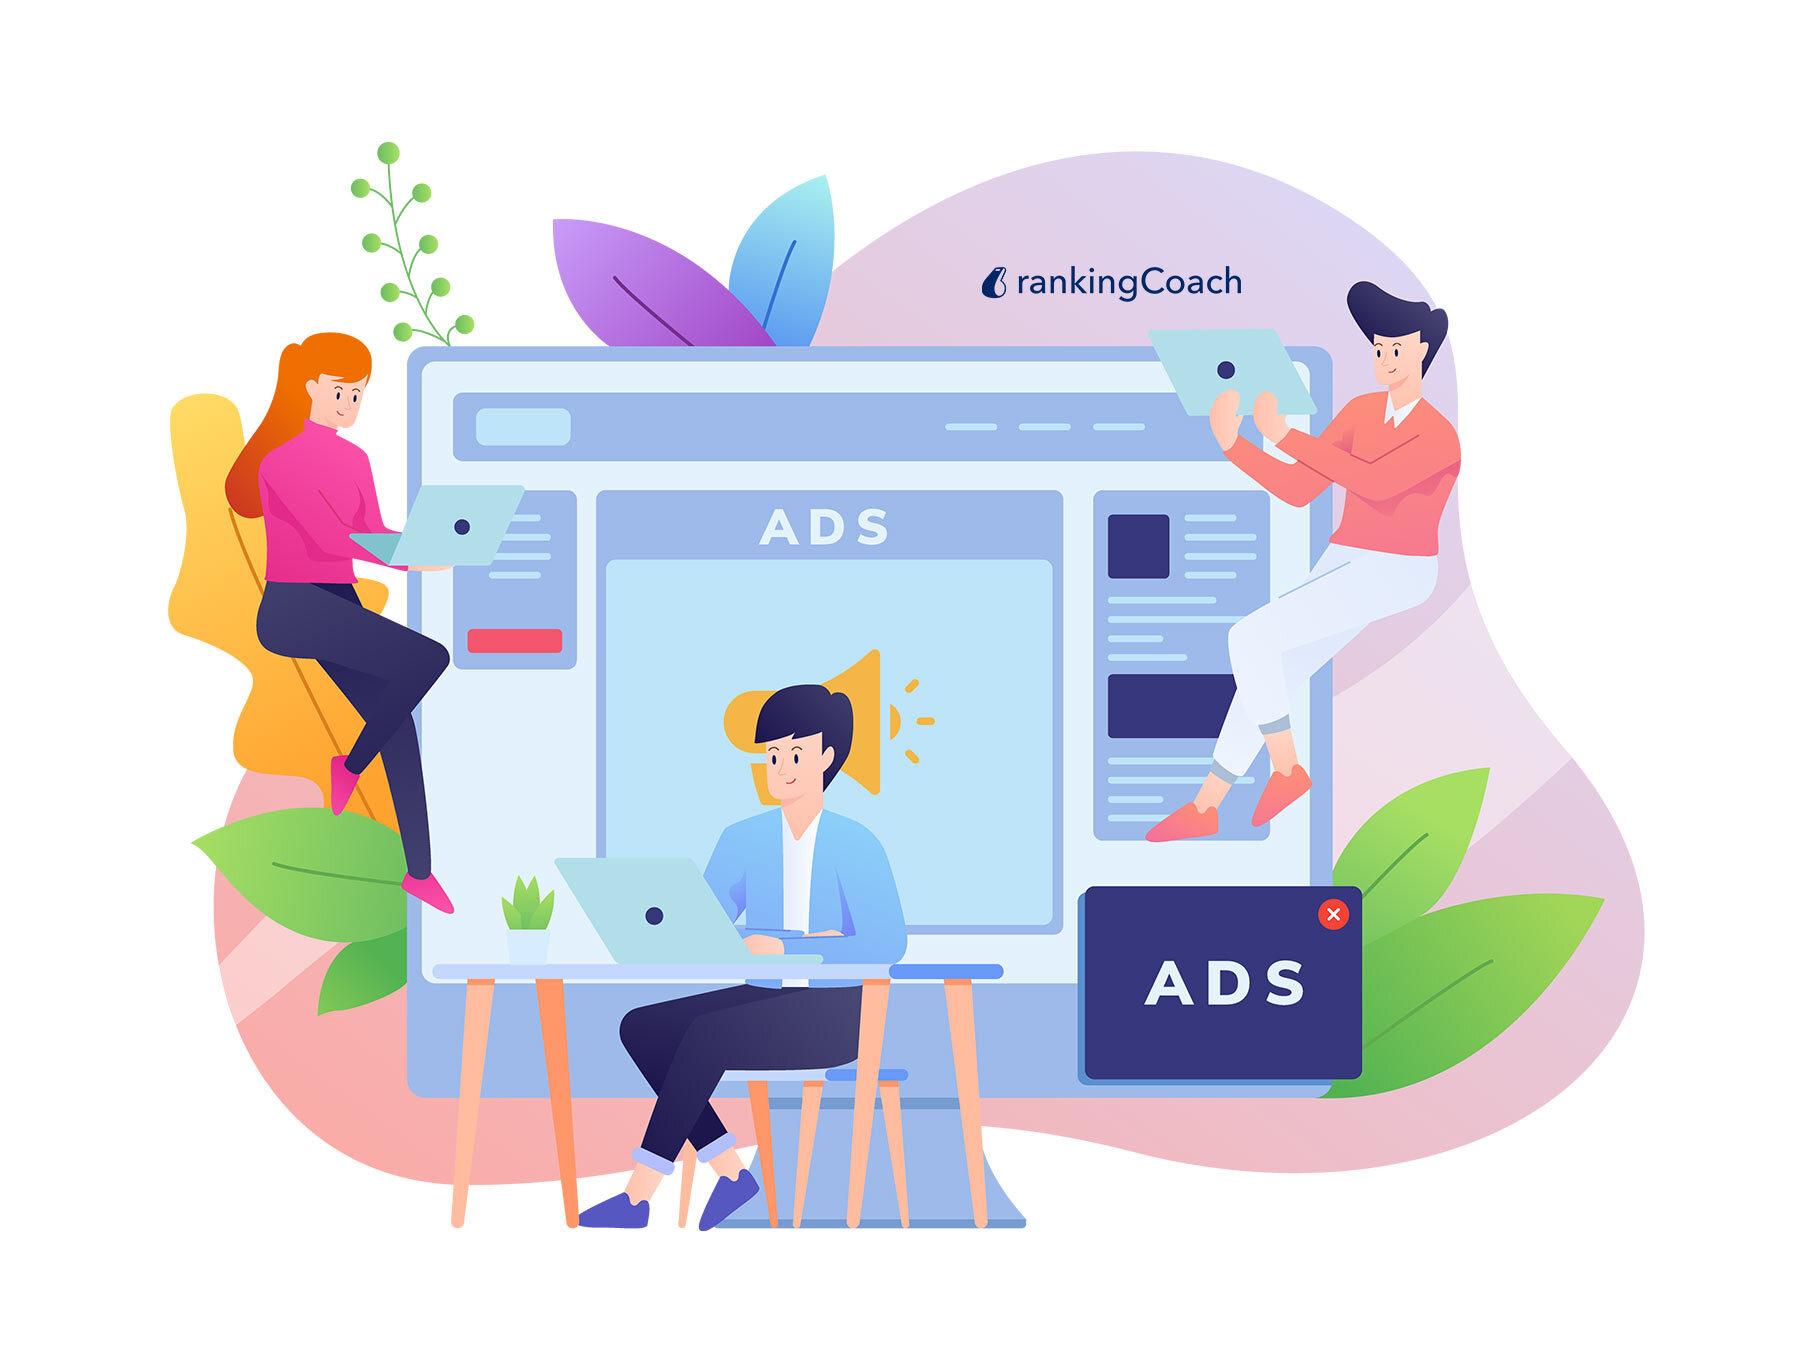 Pourquoi les petites entreprises devraient-elles utiliser Google Ads ?